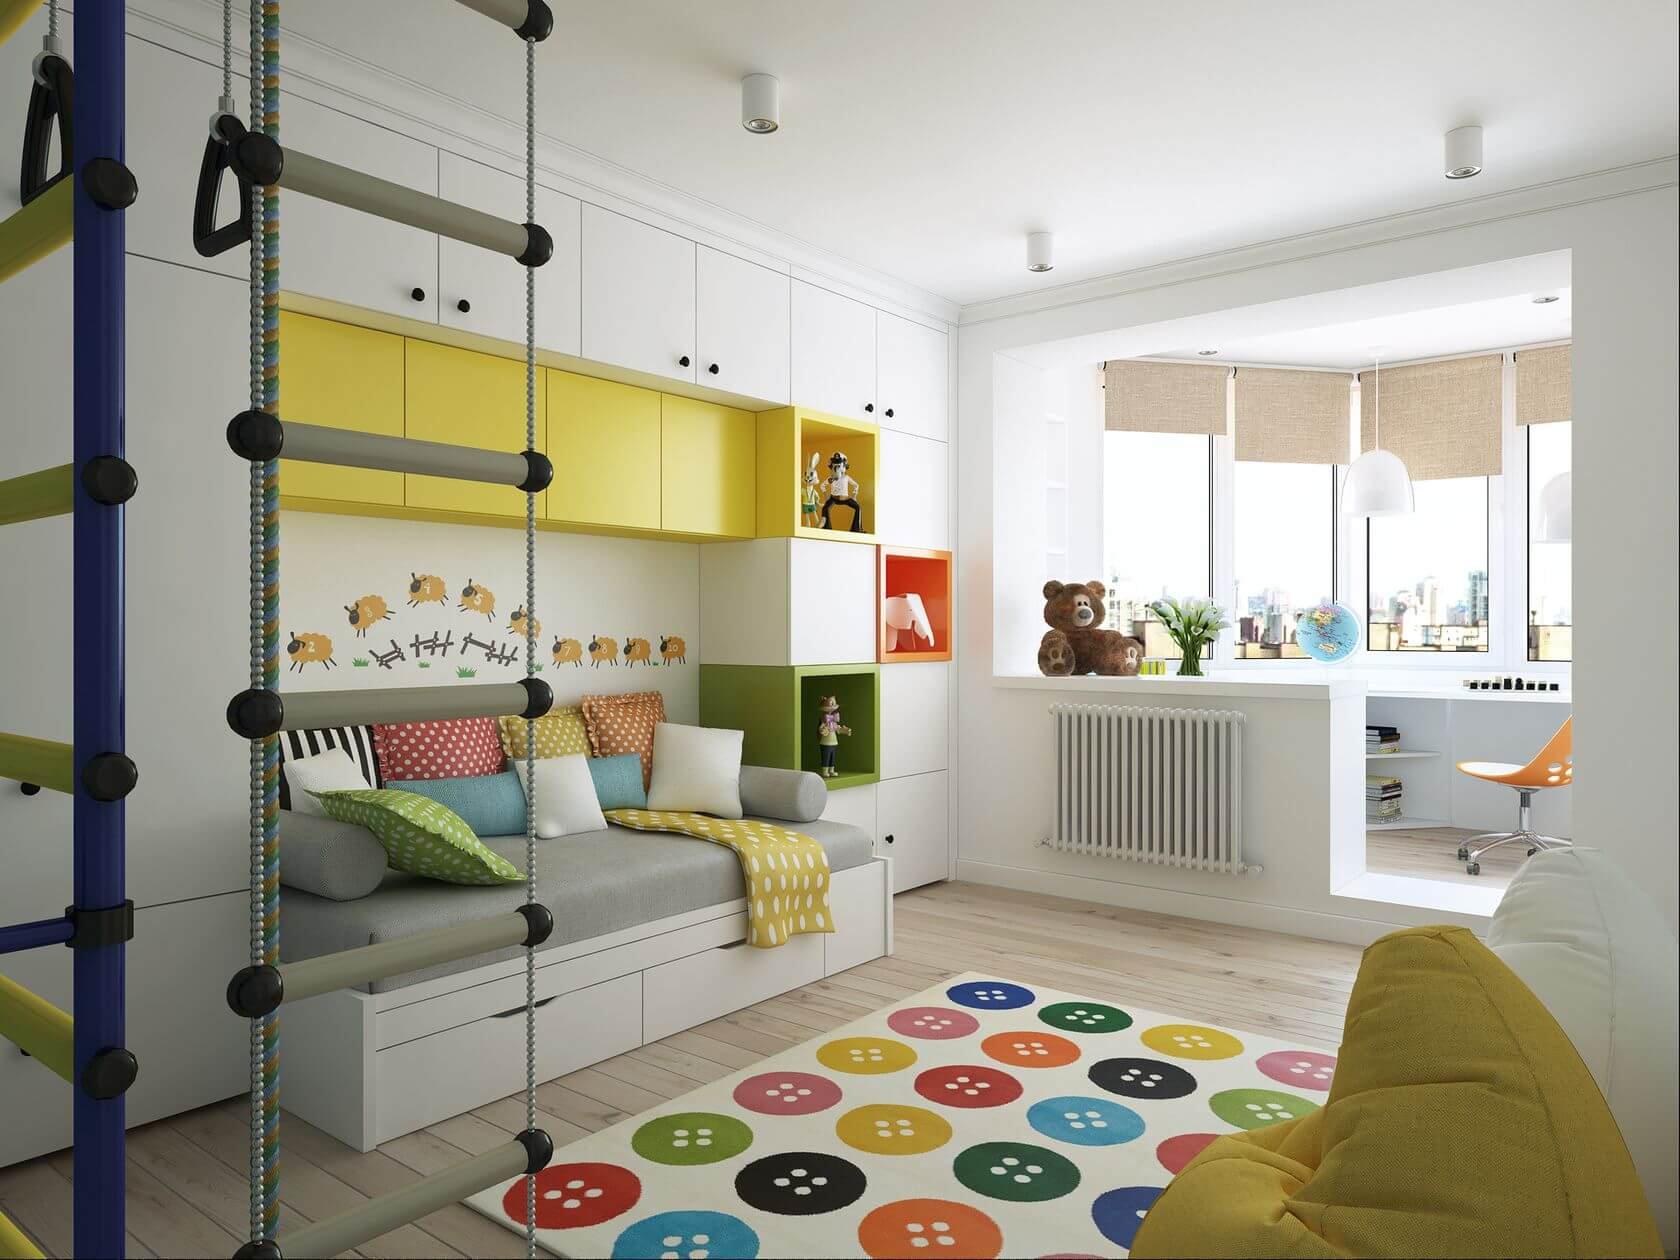 дизайн детской комнаты зонирование